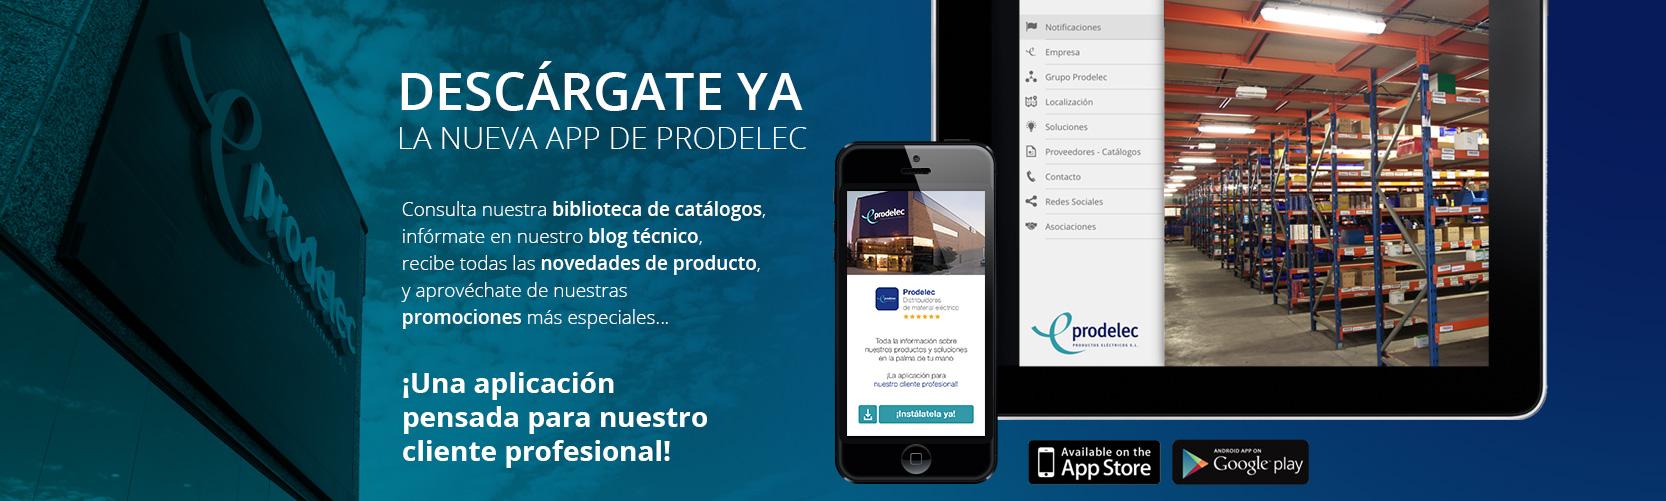 2-Lanzamiento-app